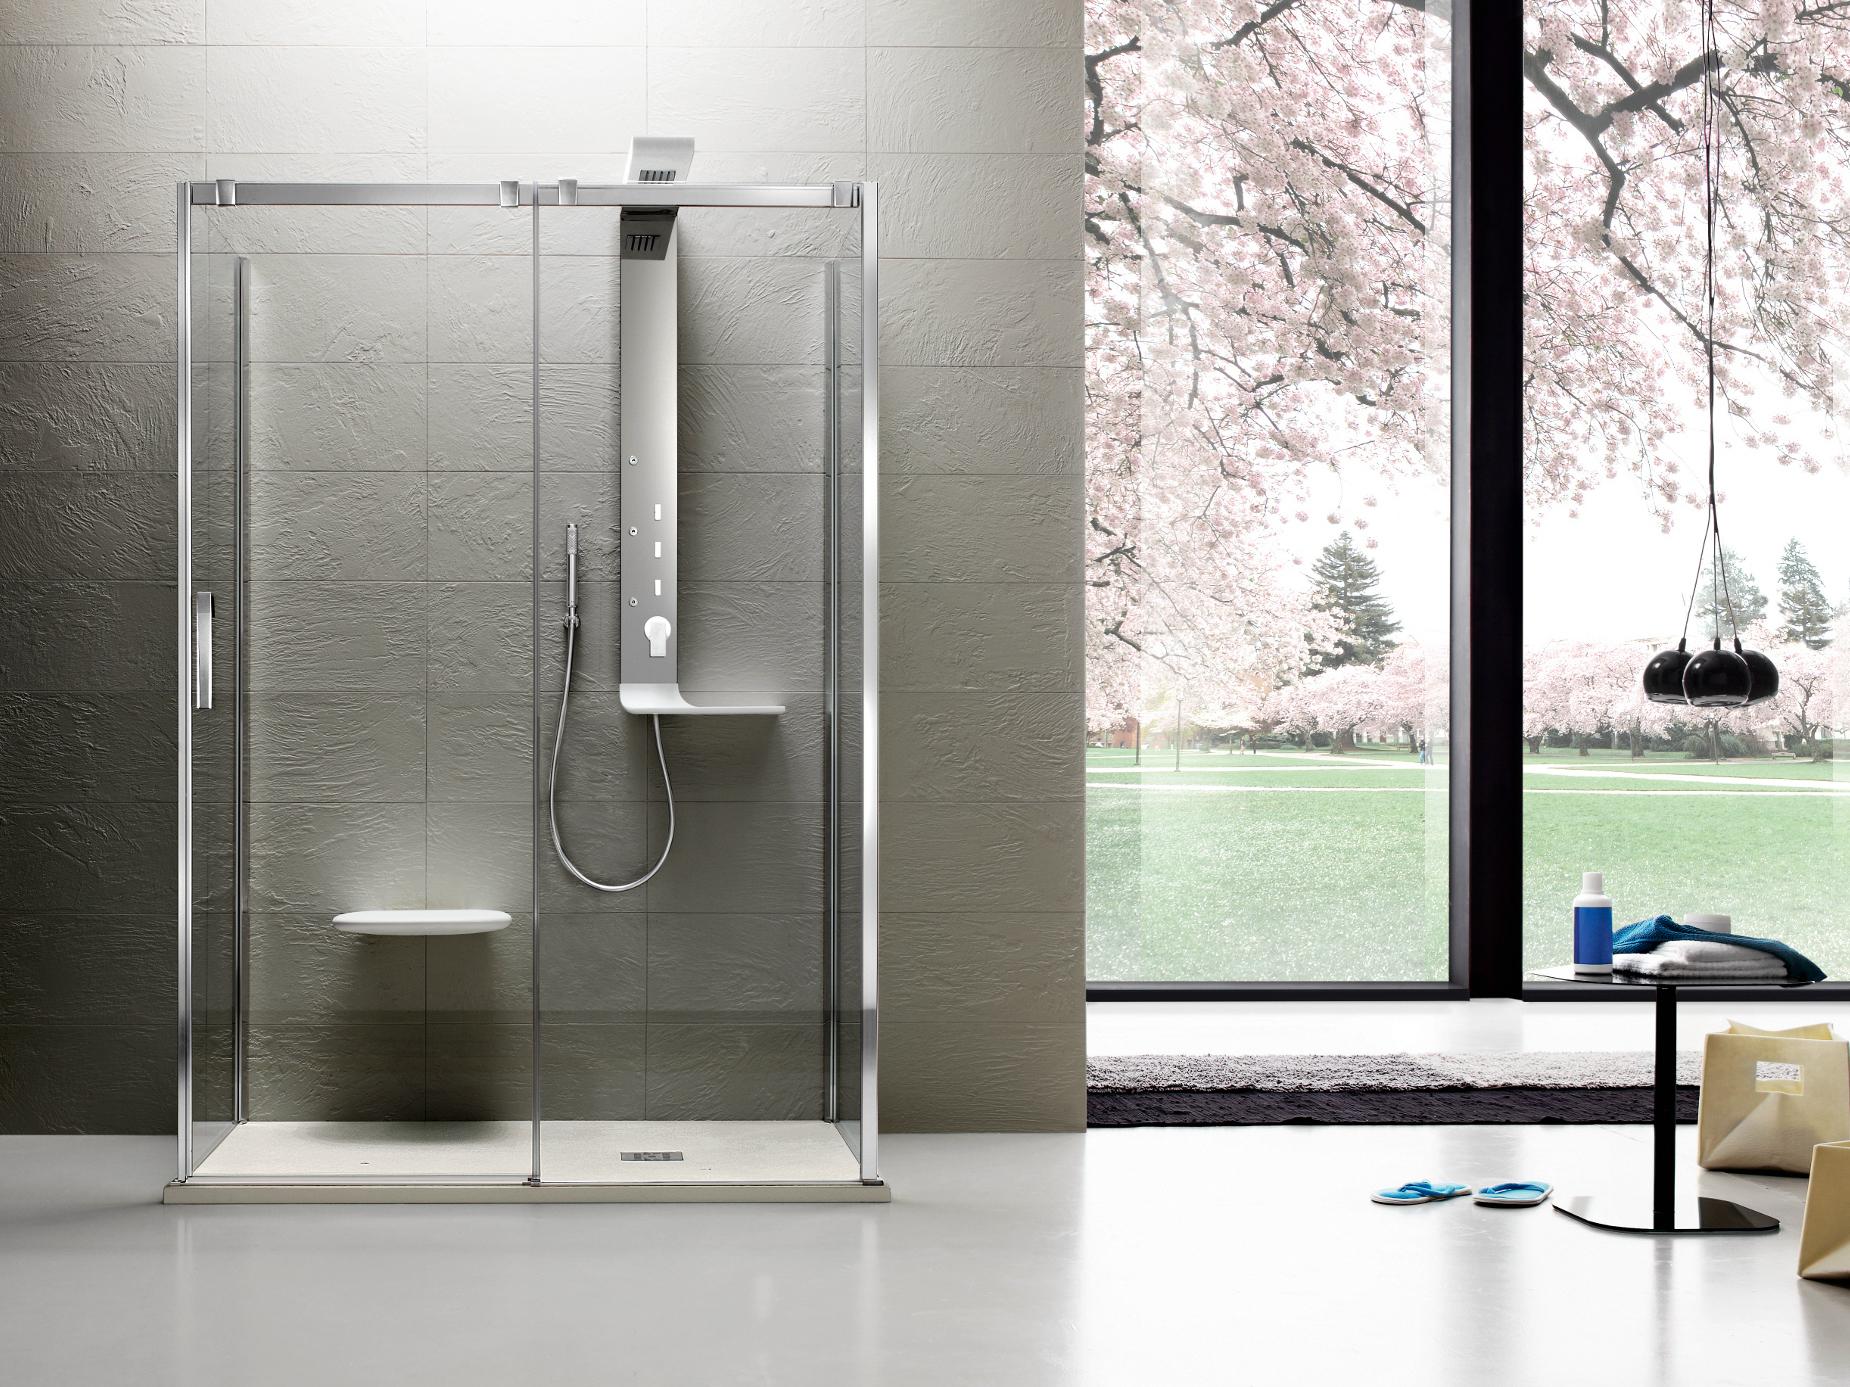 Box doccia in cristallo: ecco tutti i vantaggi blog stile bagno